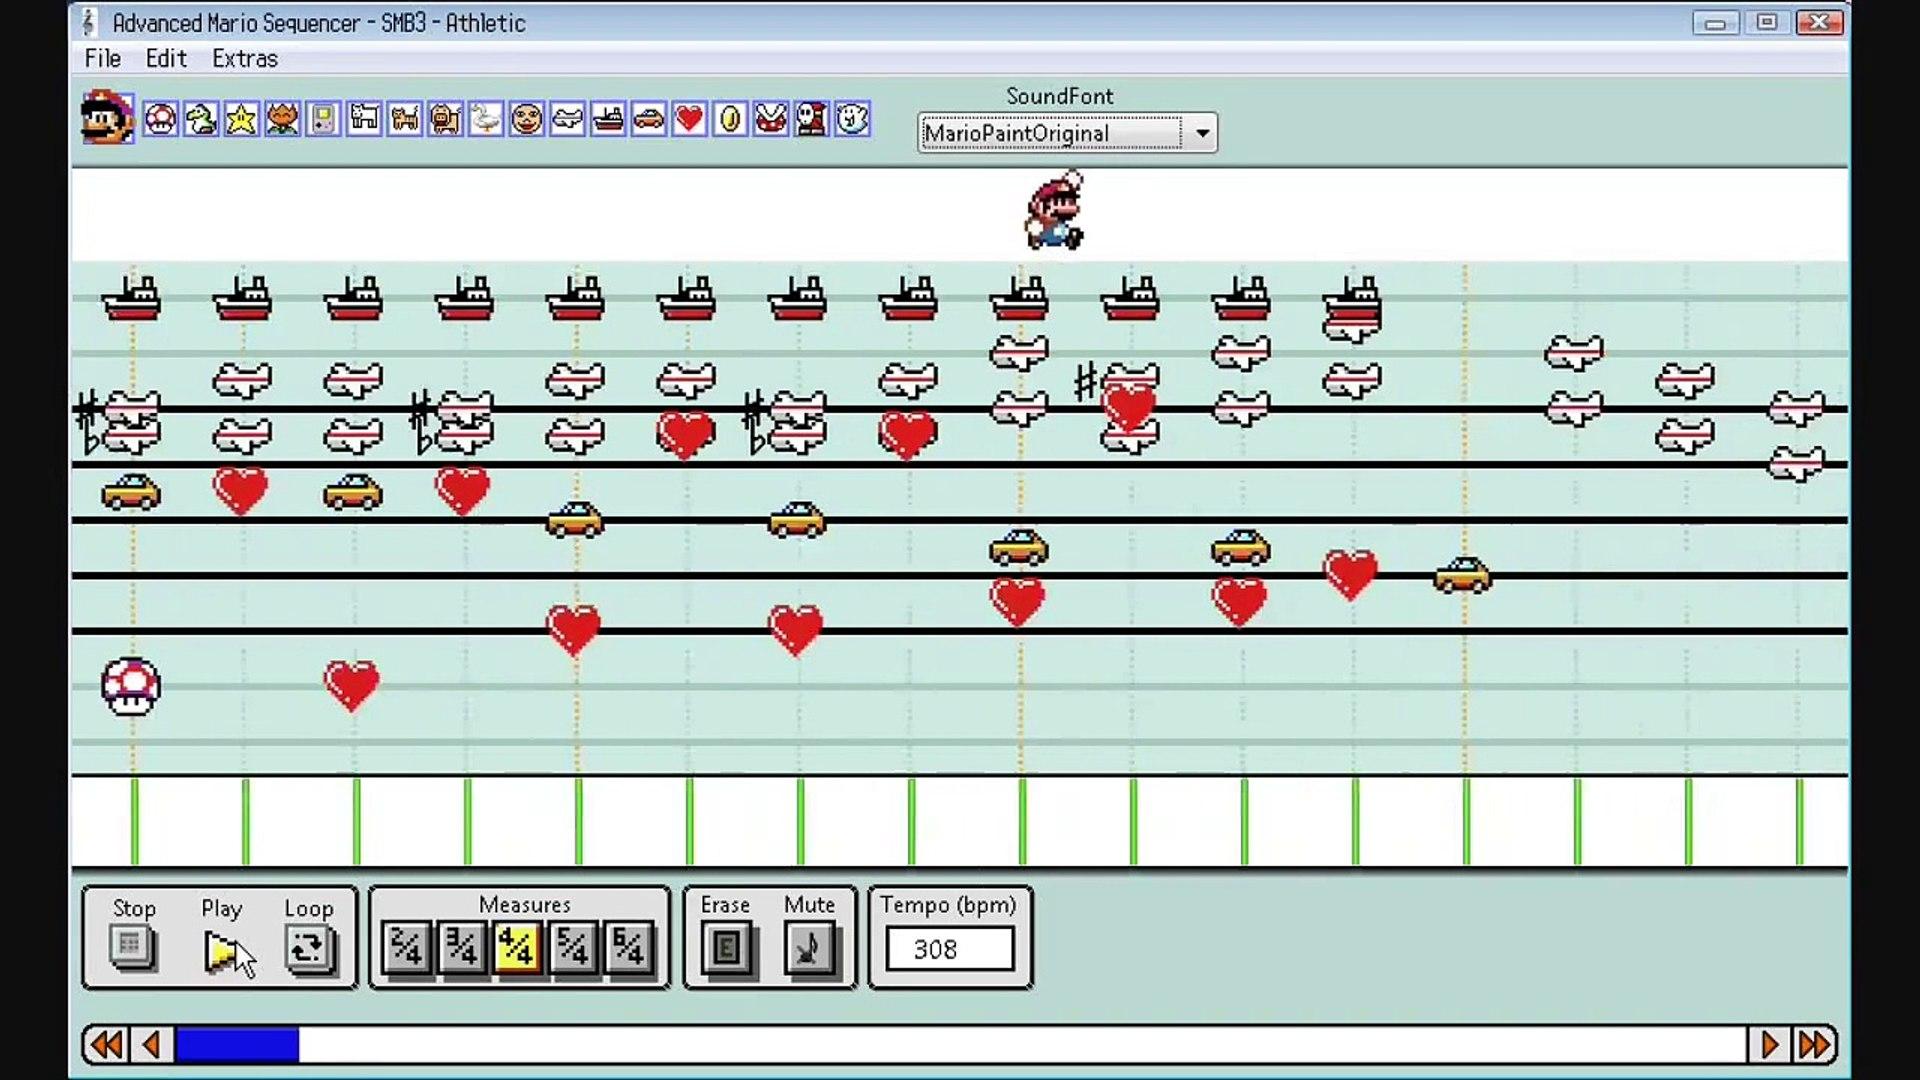 Super Mario Bros  3: Athletic Overworld Advanced Mario Sequencer